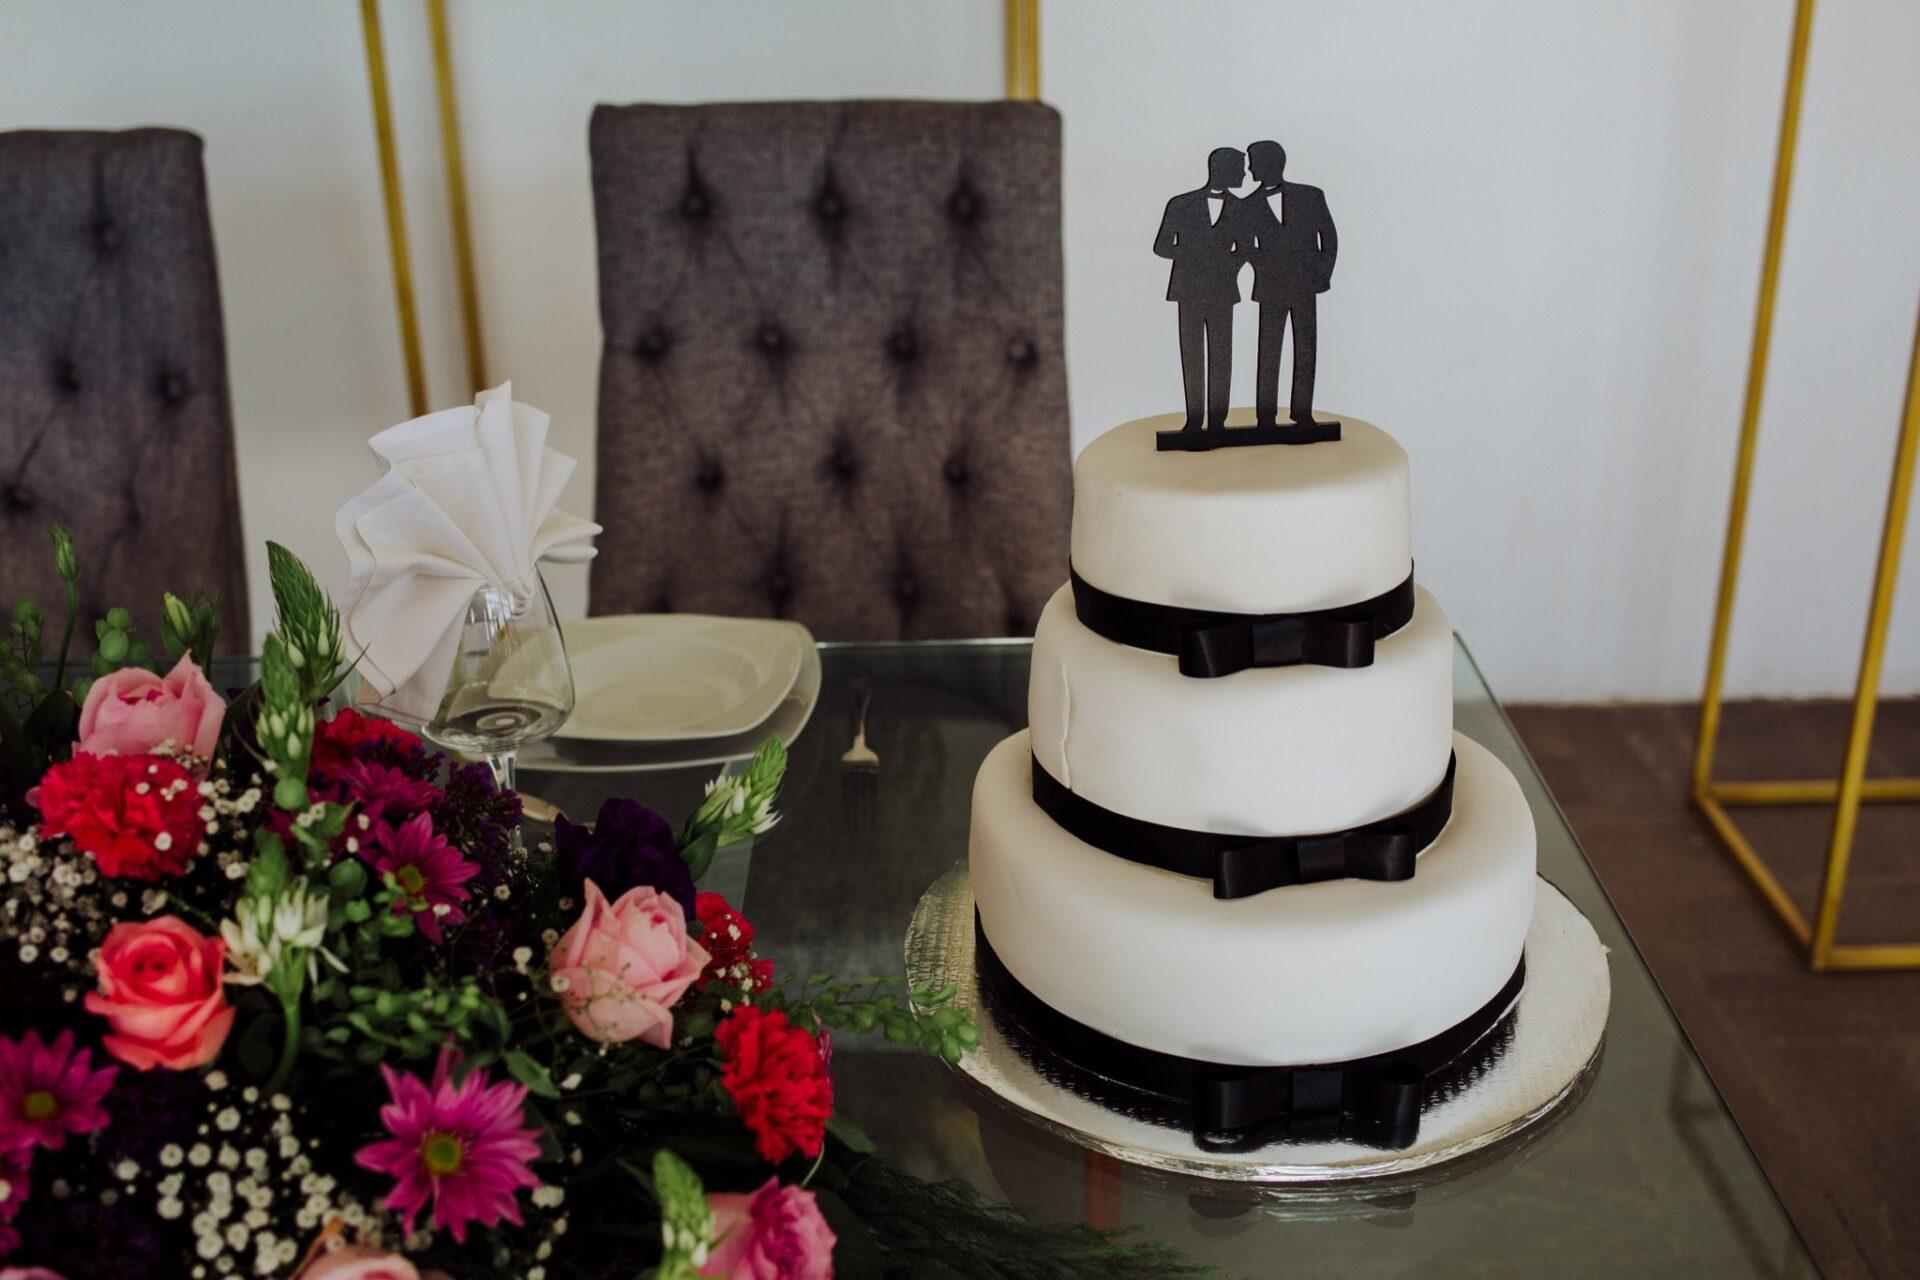 javier_noriega_fotografo_bodas_alicia_garden_zacatecas_wedding_photographer6